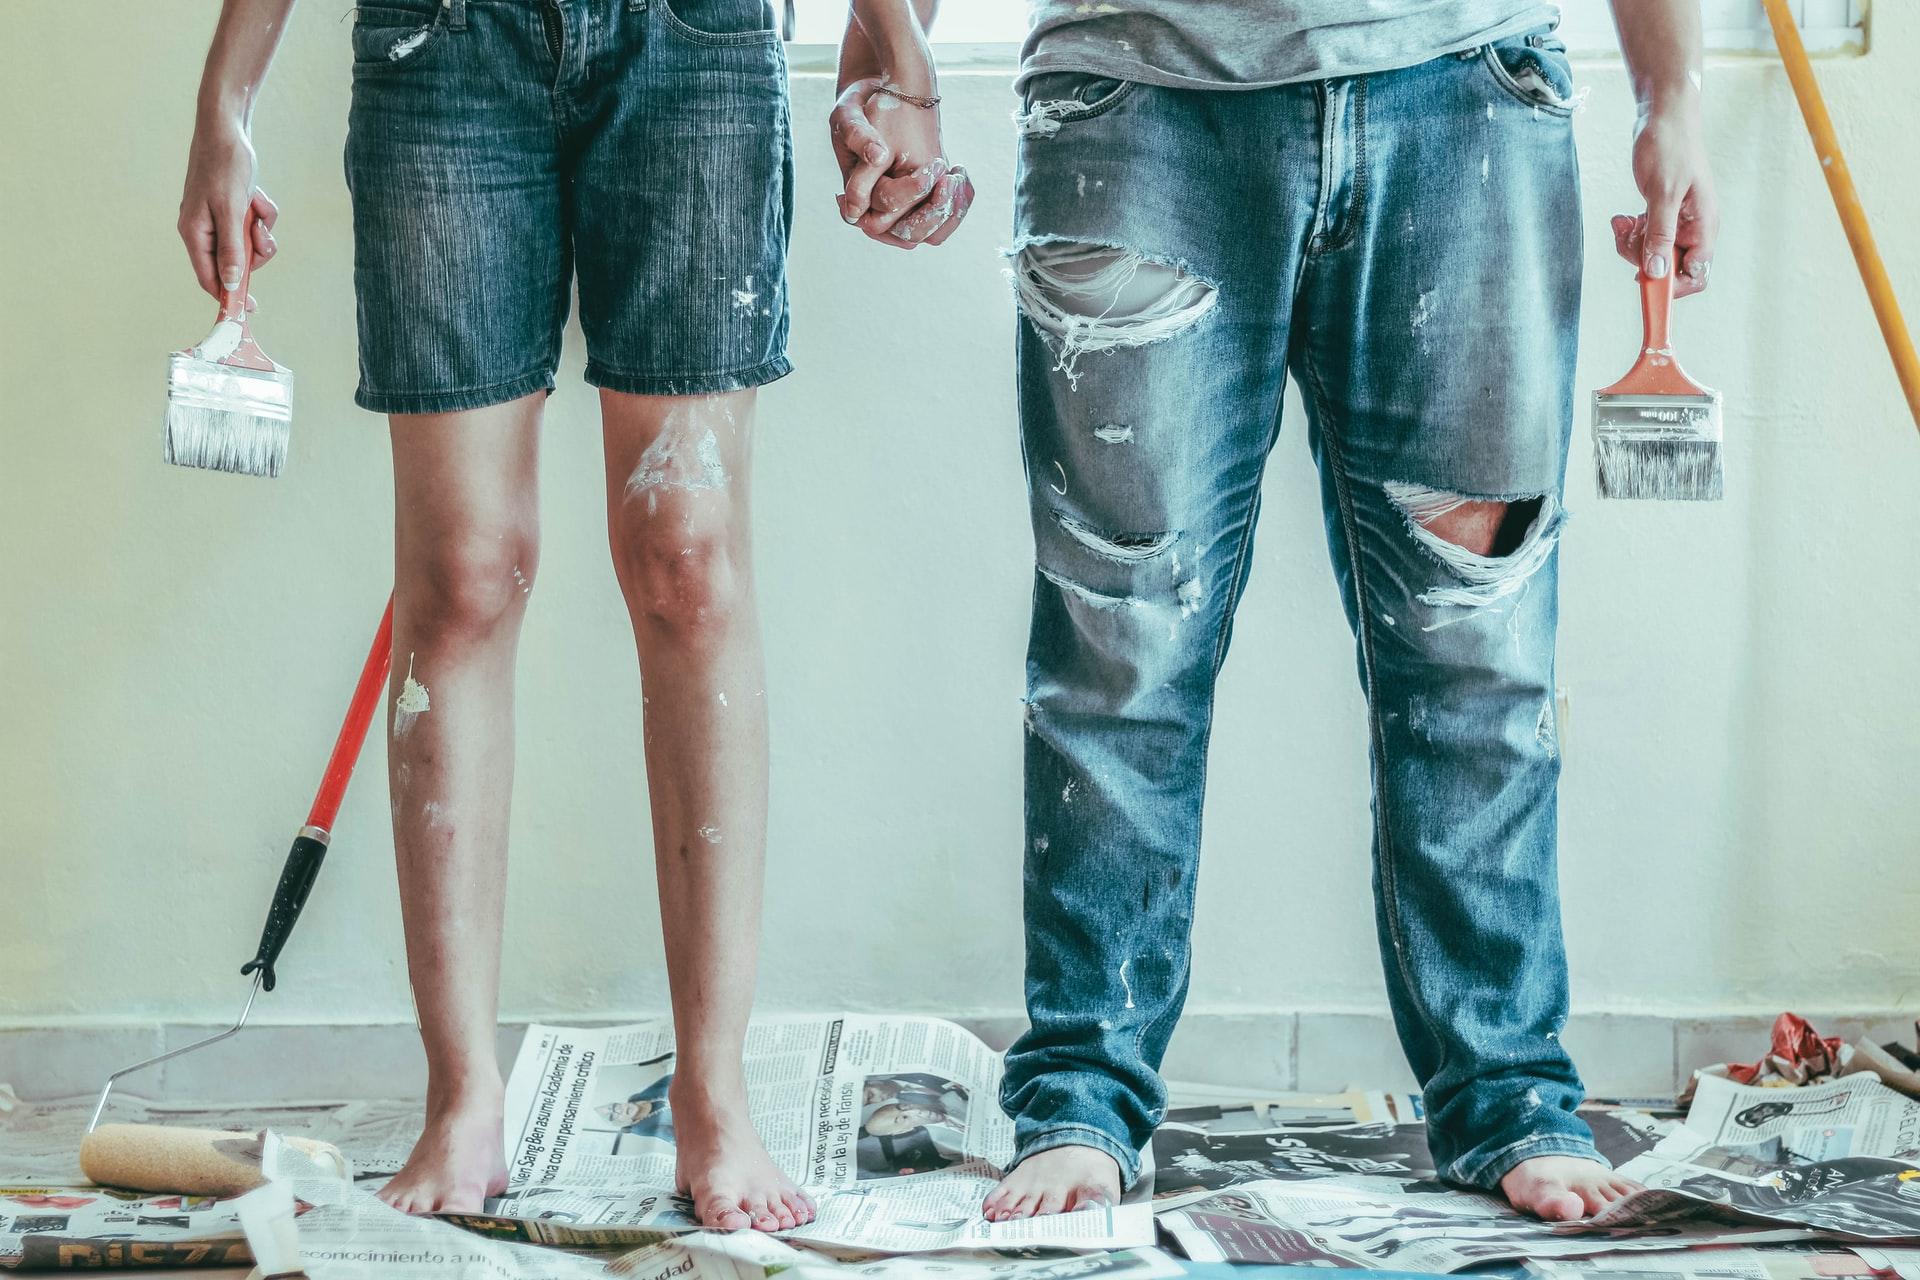 Houkuttaako vuokra-asunnon remontointi? Tarkista nämä kohdat, ennen kuin ryhdyt toimiin